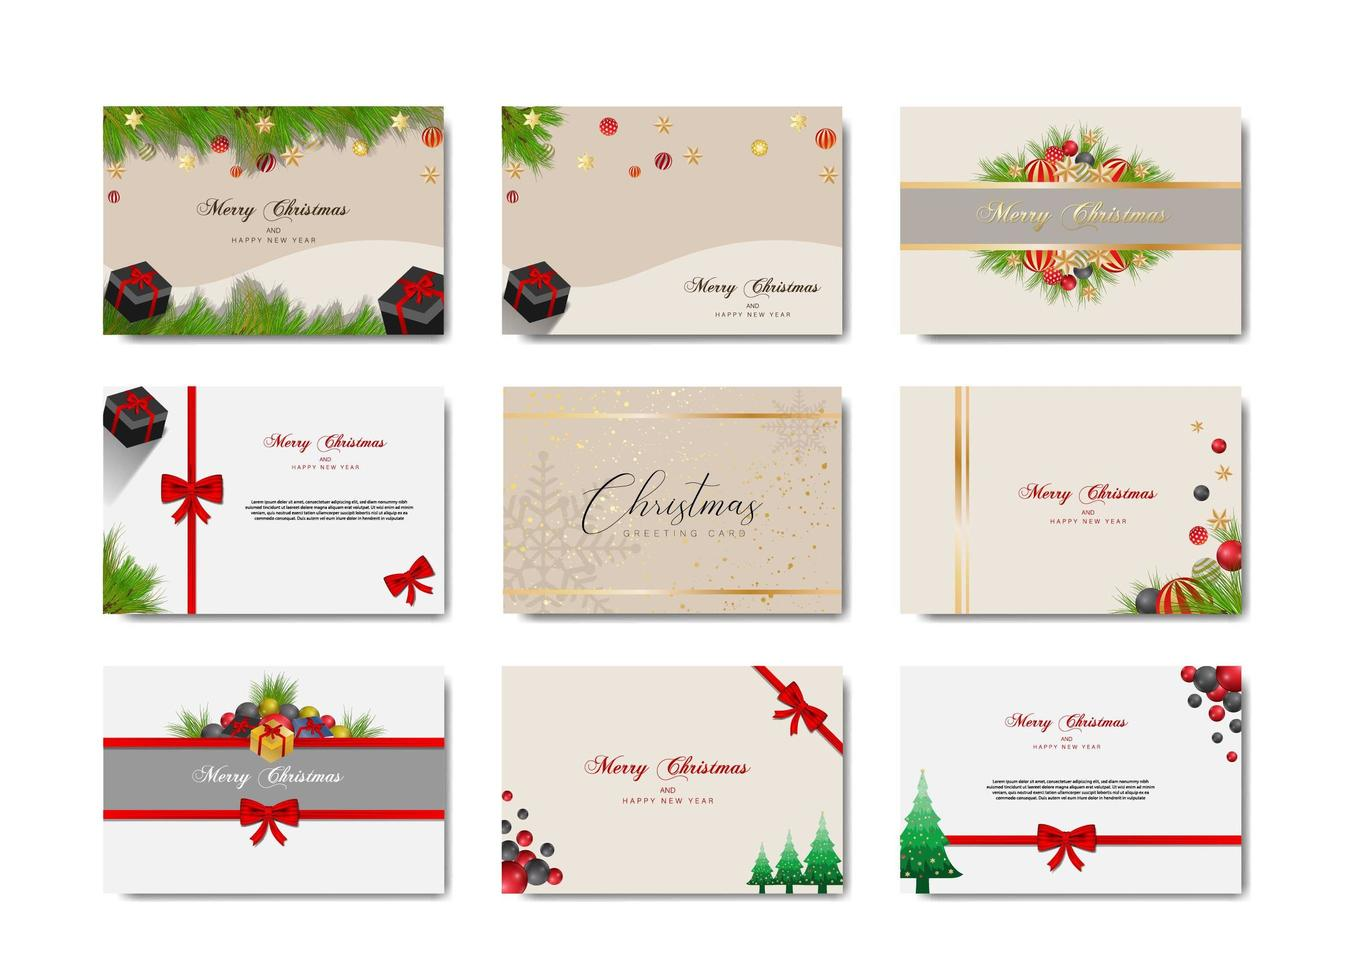 conjunto de tarjetas de felicitación de navidad vector